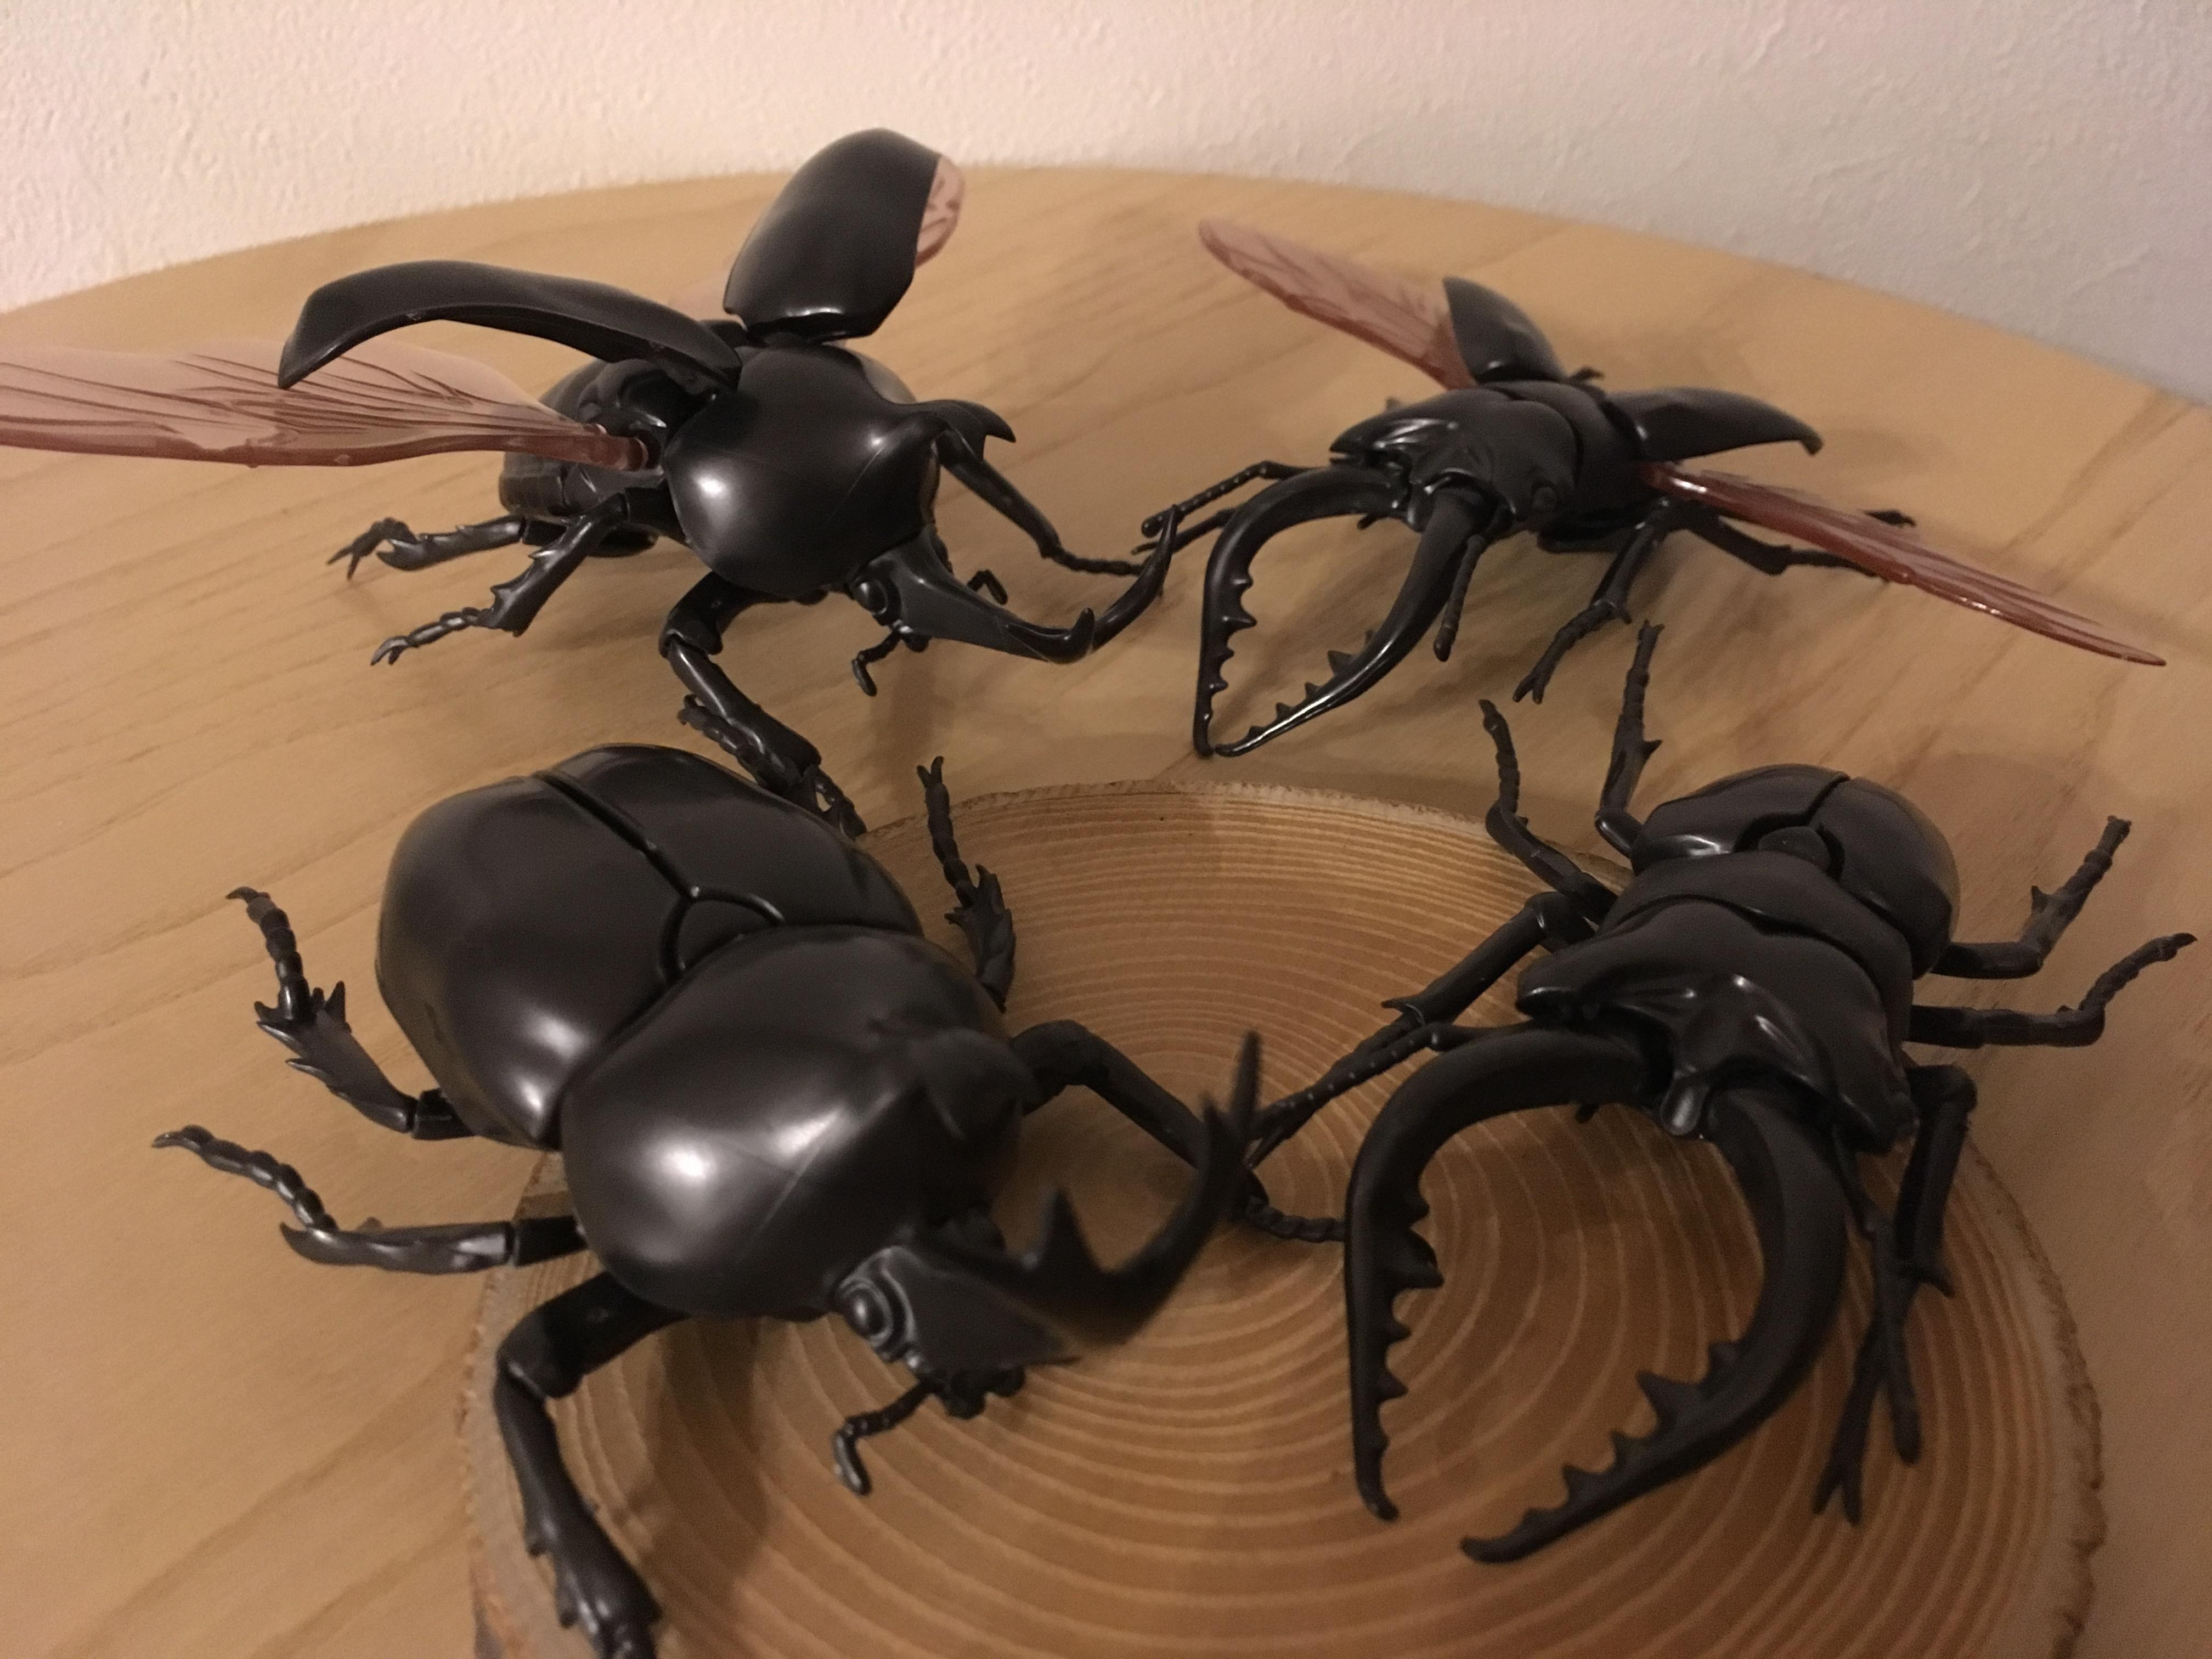 【組立レビュー】カブトムシとクワガタムシのプラモデルがリアルで凄い!